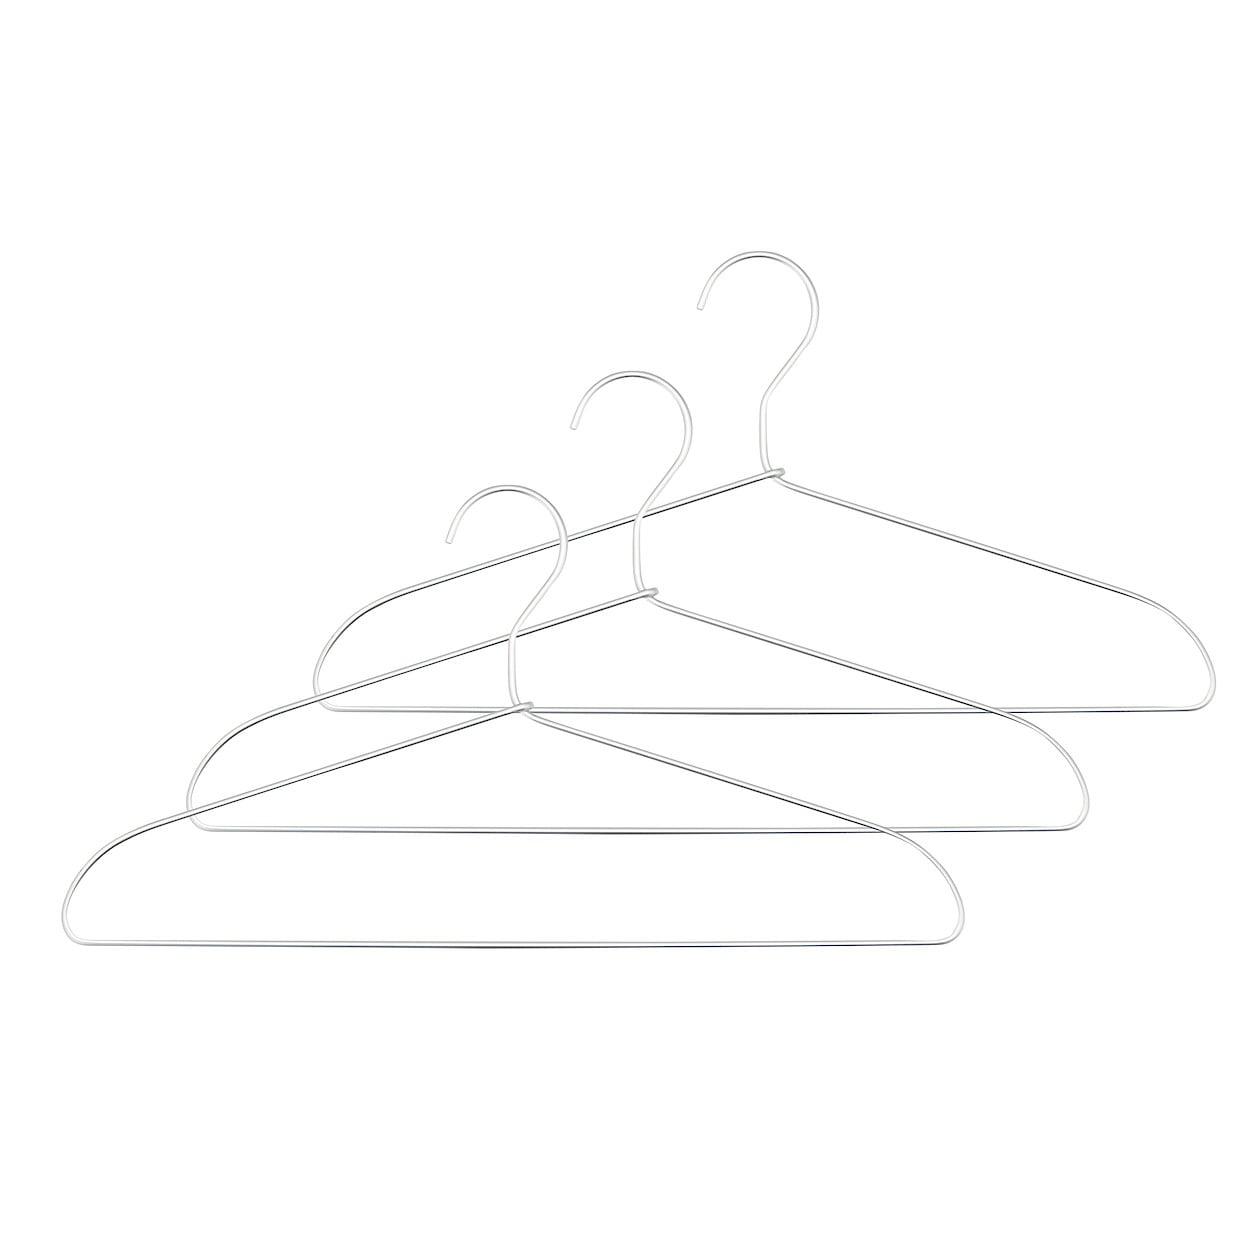 アルミ洗濯用ハンガー・3本組 約幅41cm